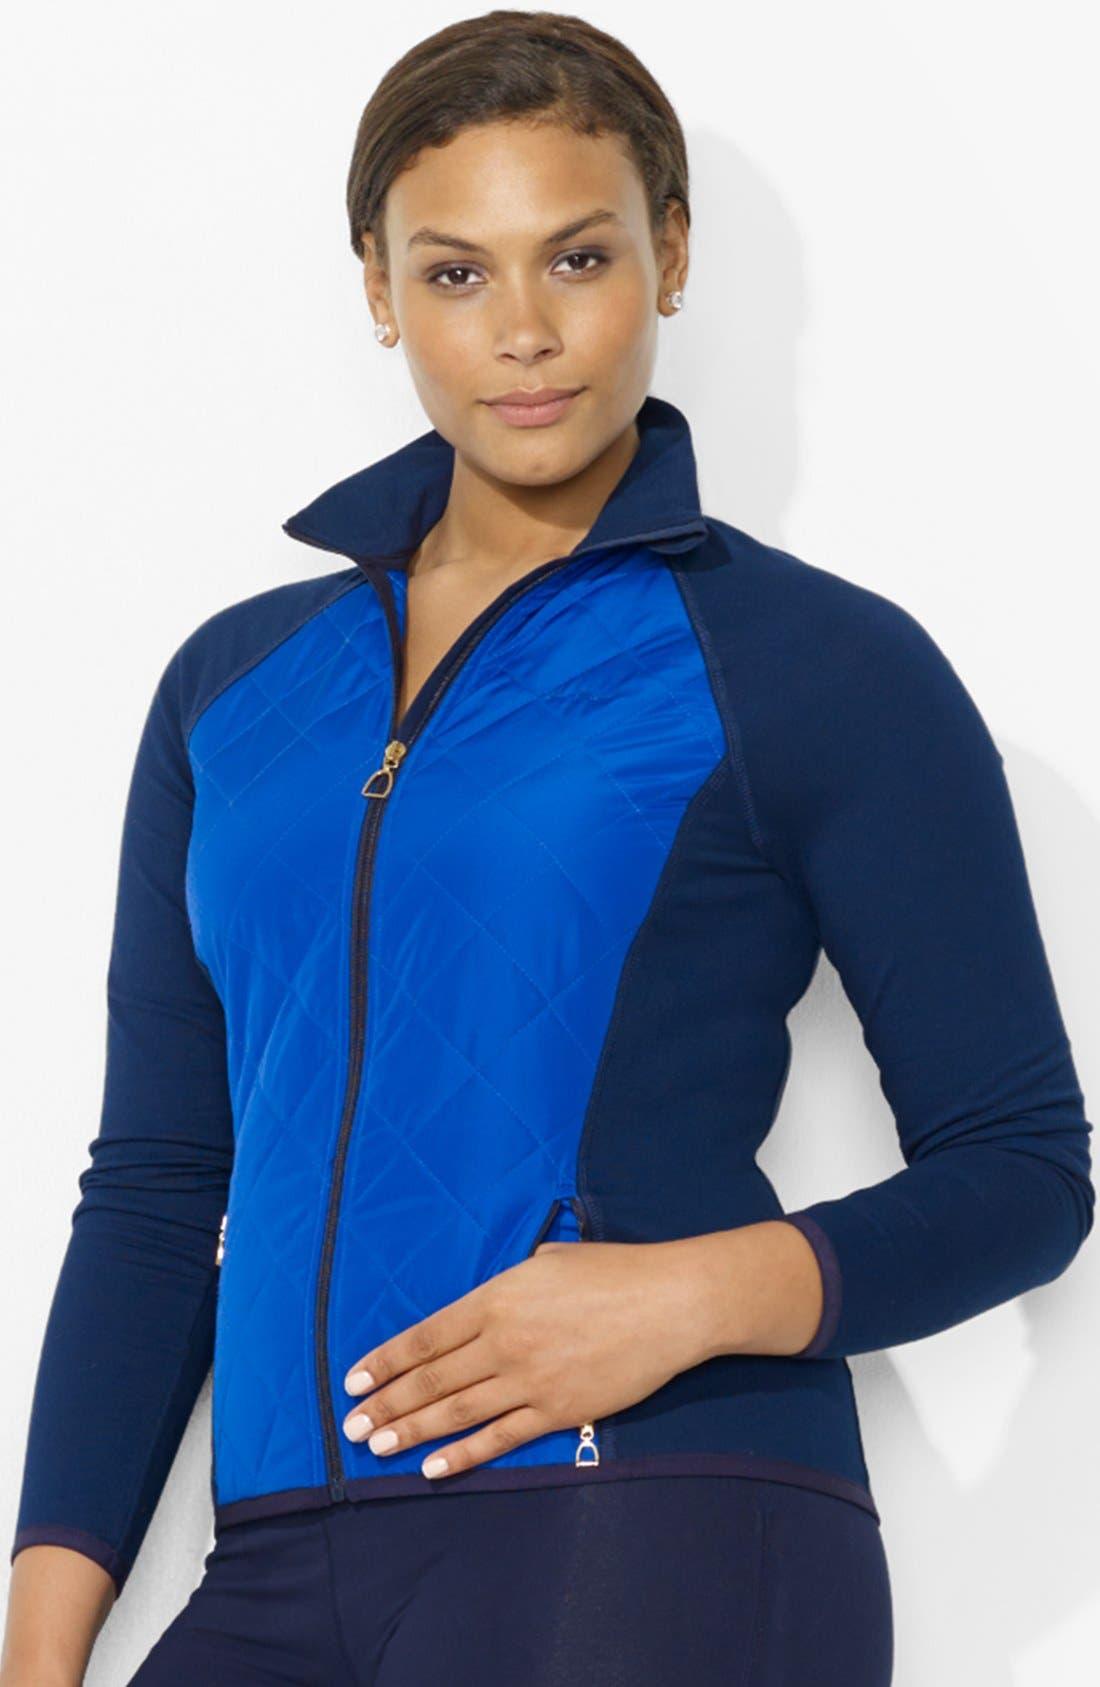 Alternate Image 1 Selected - Lauren Ralph Lauren Woven Front Track Jacket (Plus Size)